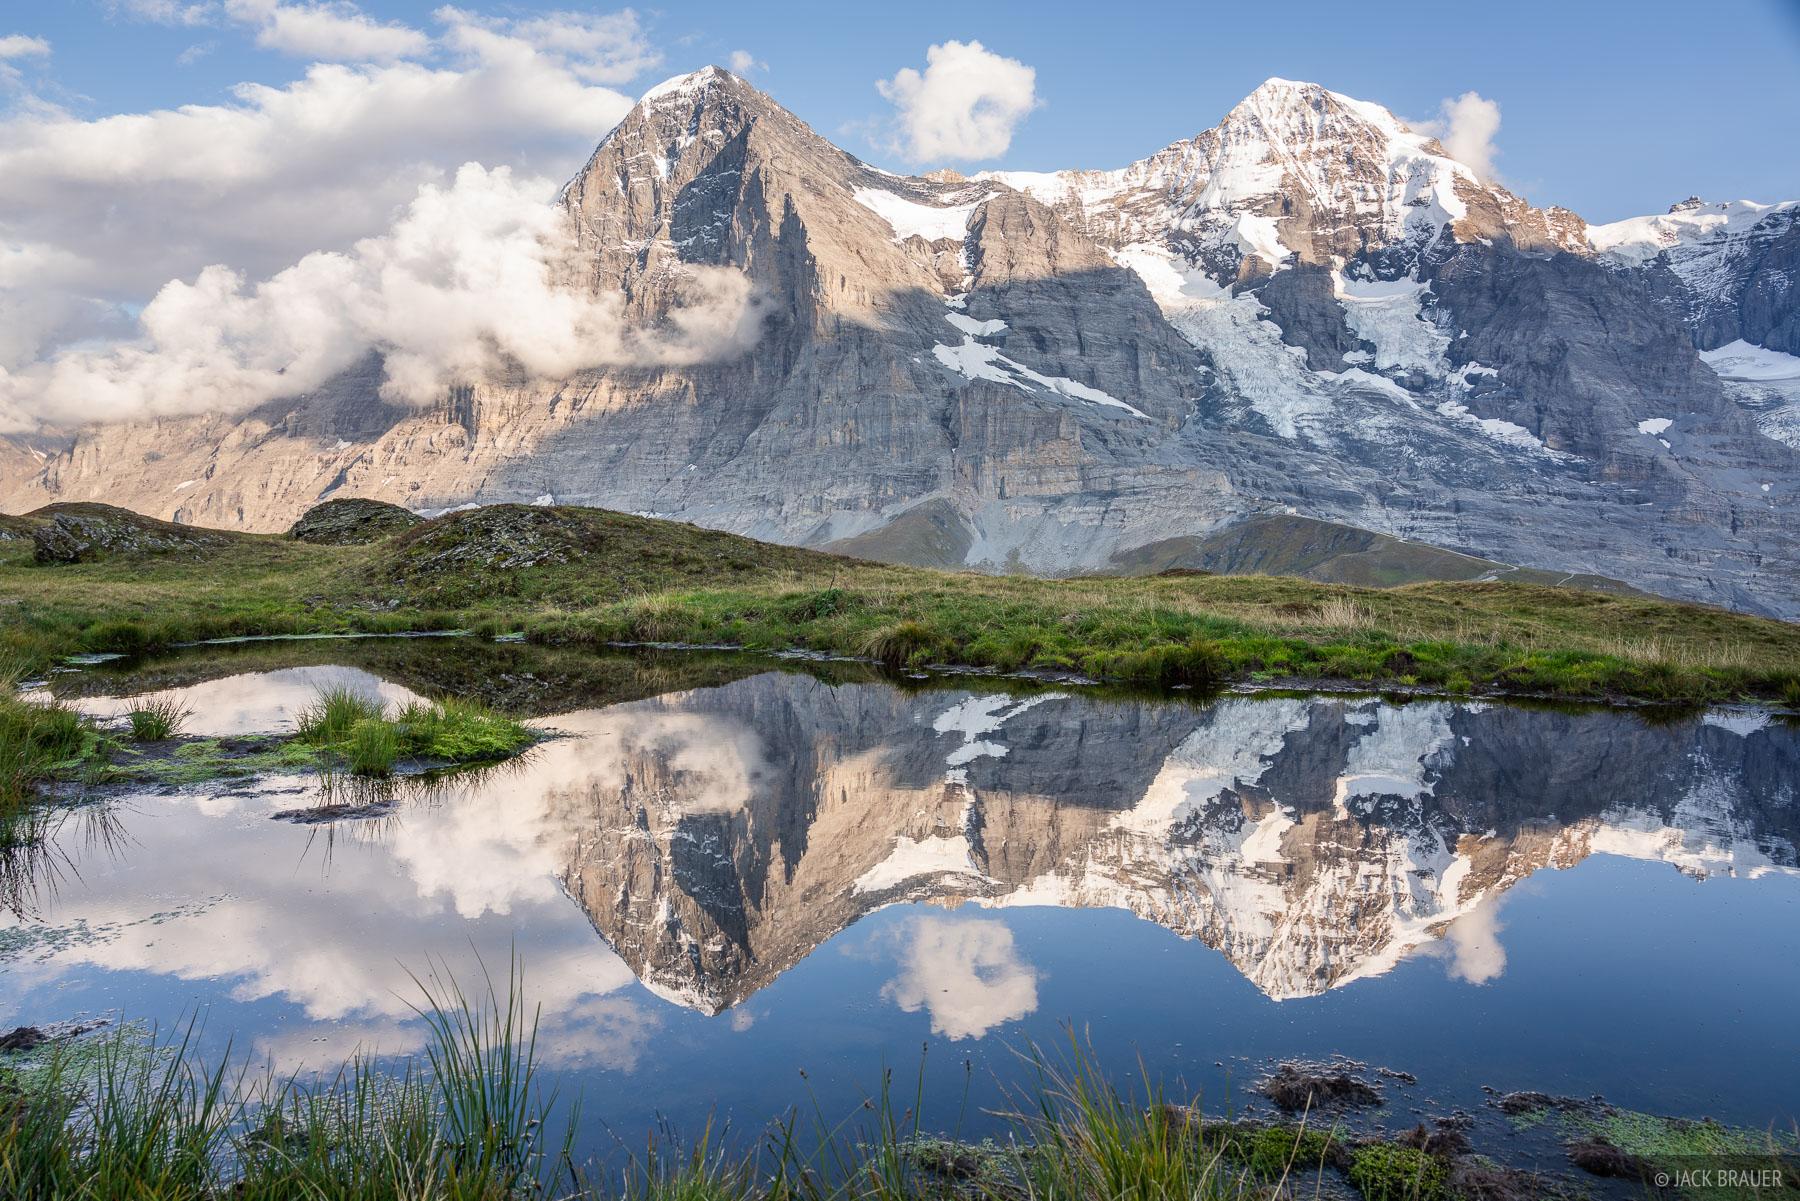 Bernese Alps, Eiger, Kleine Scheidegg, Mönch, Switzerland, reflection, photo